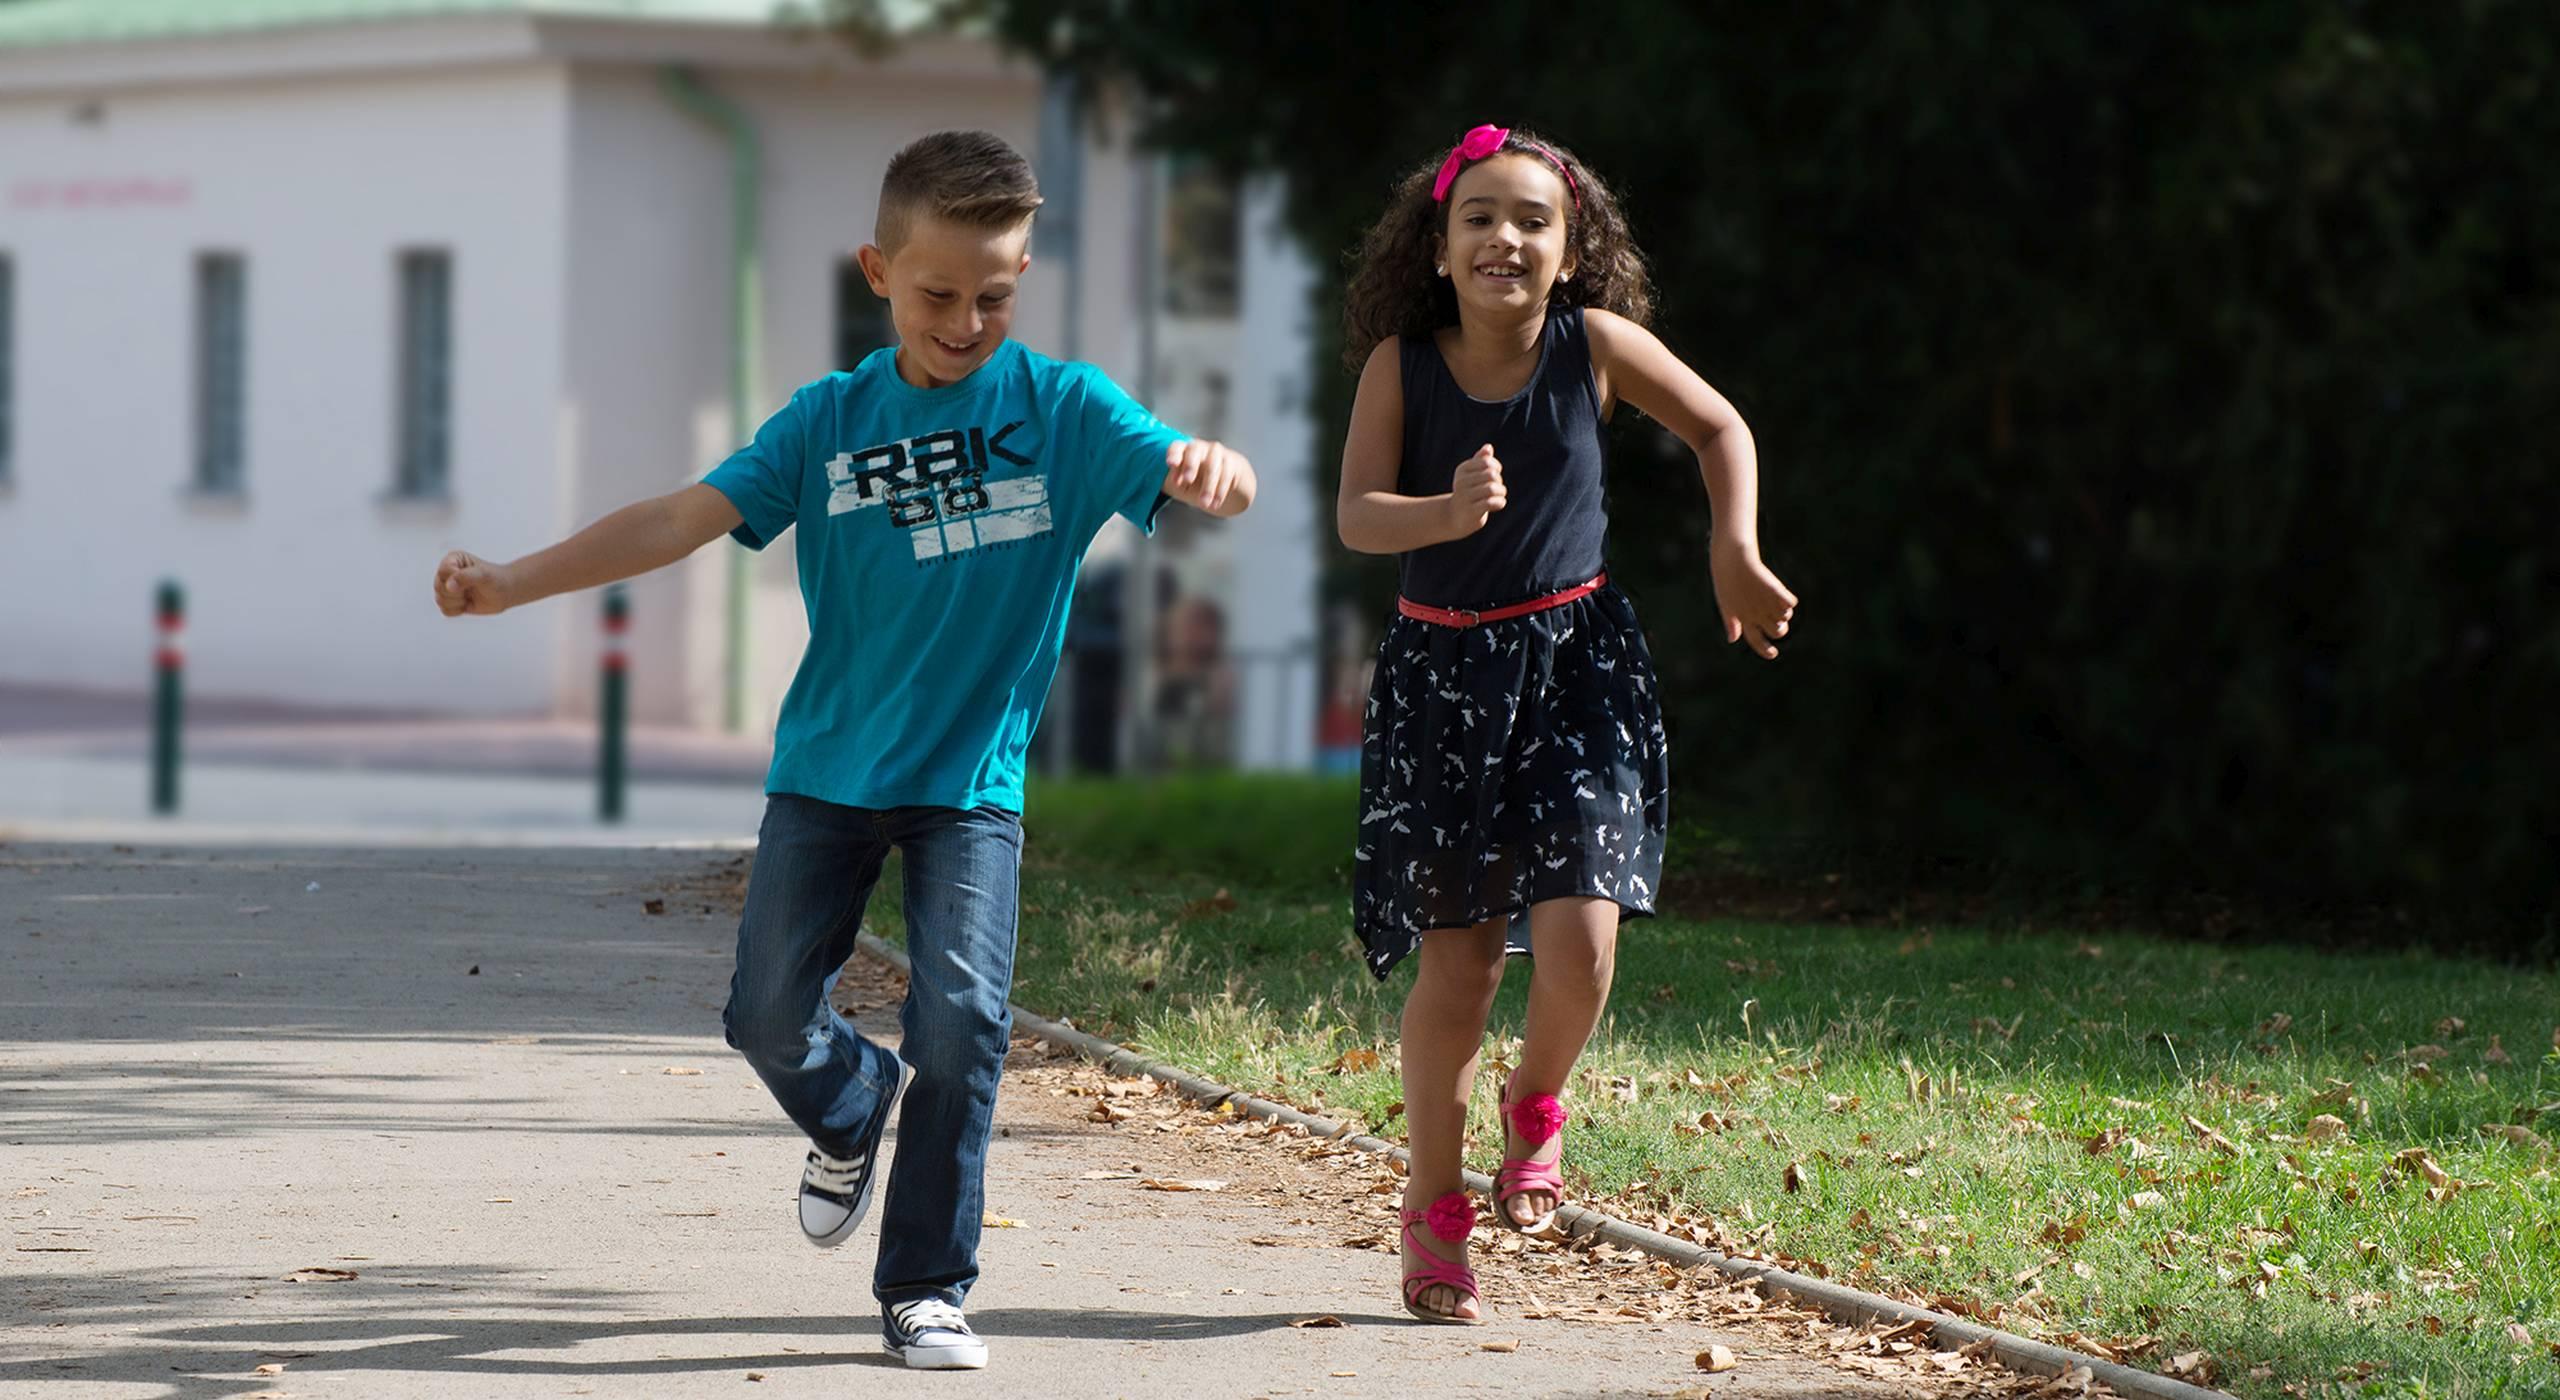 Ein Bub und ein Mädchen laufen fröhlich einen Weg entlang. Foto von Ernst Grünwald